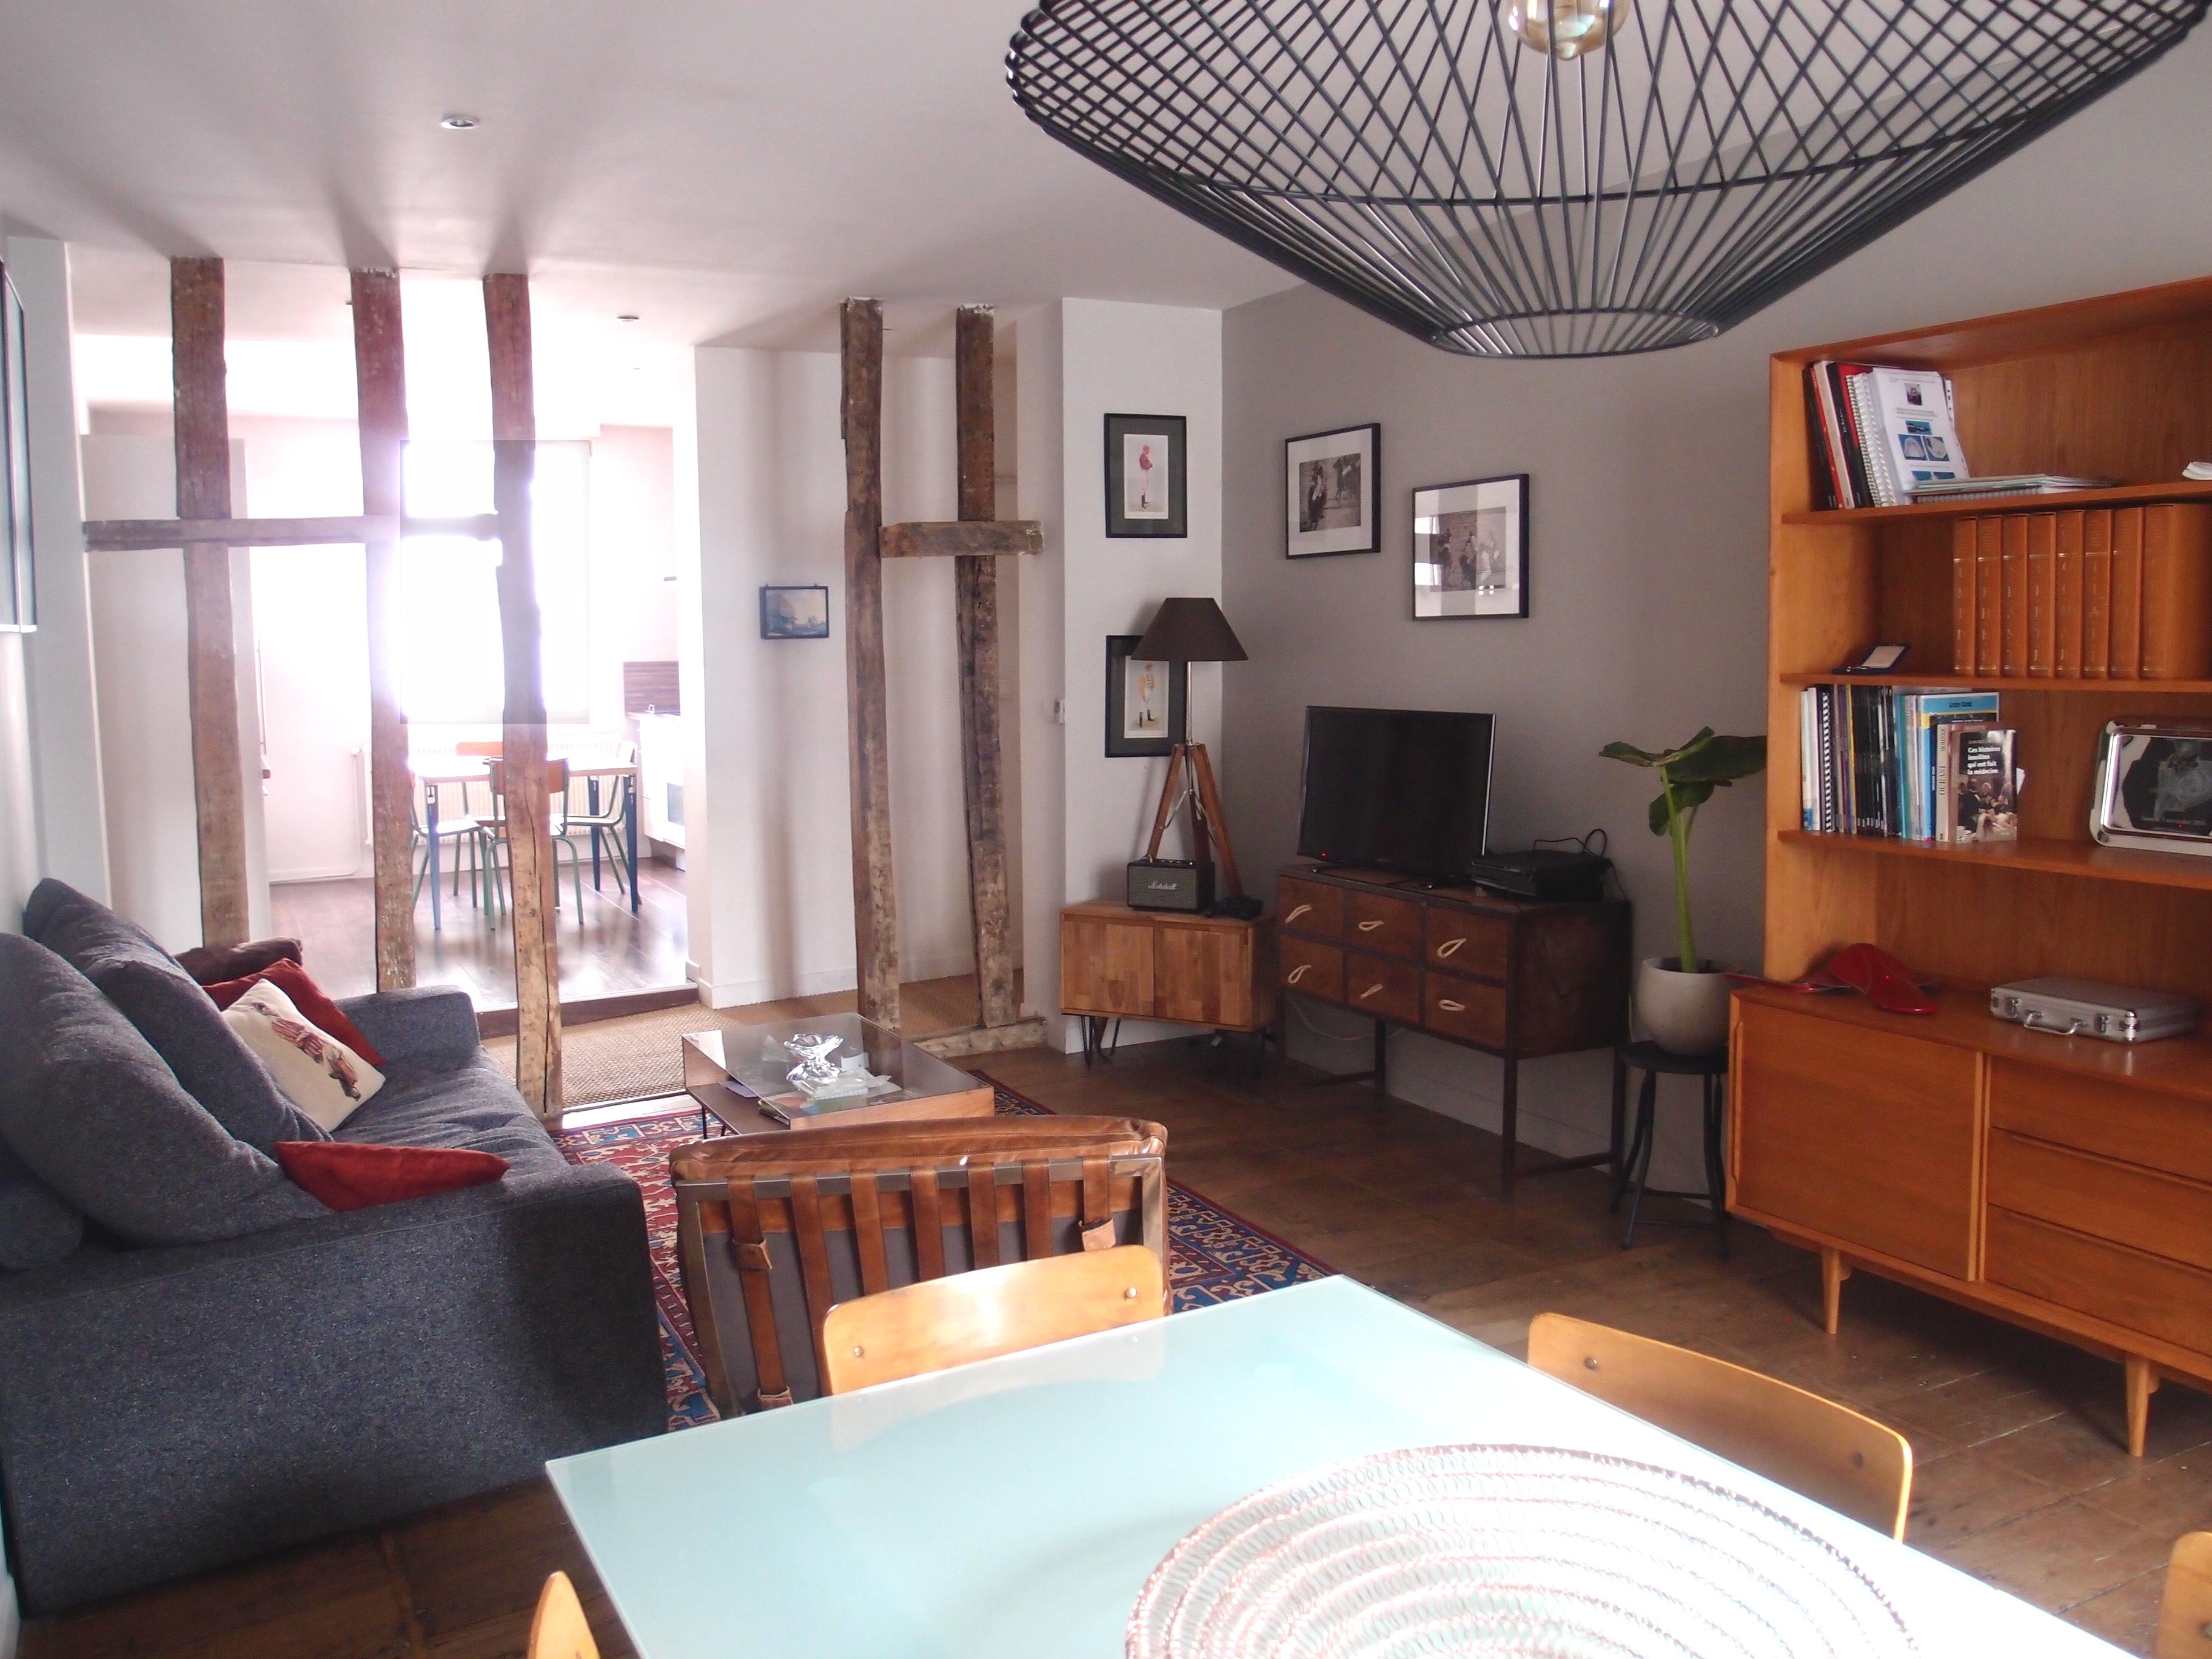 Espace salon et salle à manger après ré-harmonisation des espaces